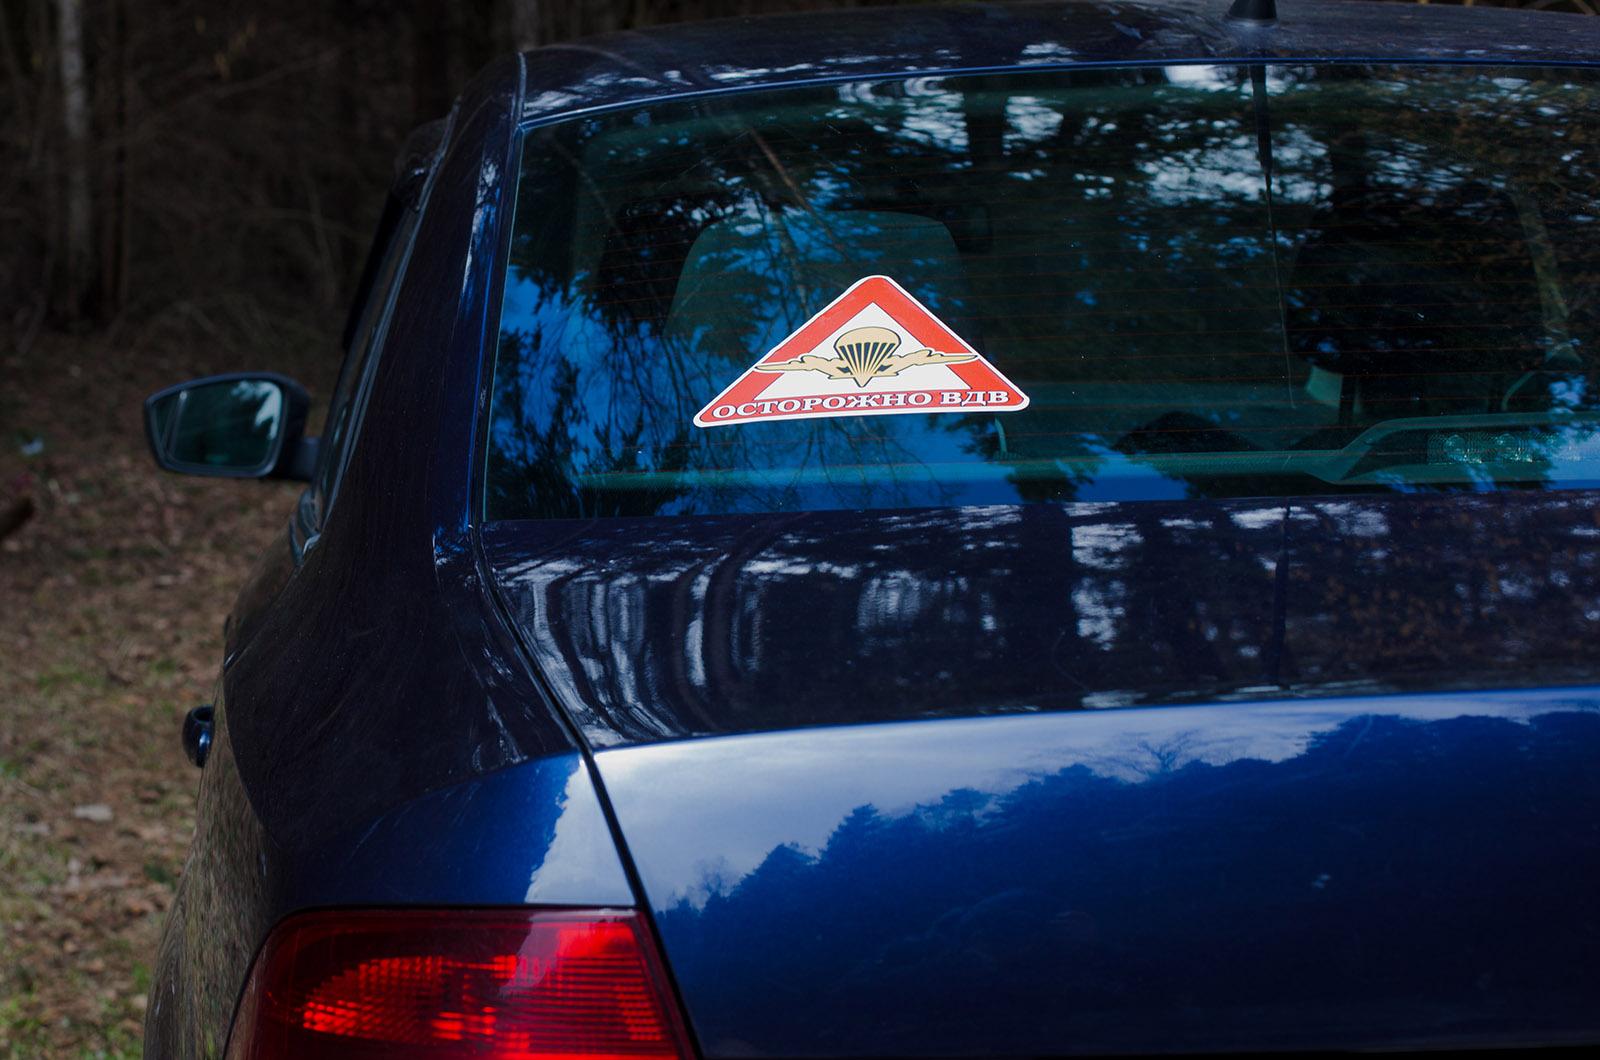 Автонабор ко Дню ВДВ – 7 мощных наклеек, 2 флажка и вымпел в машину.